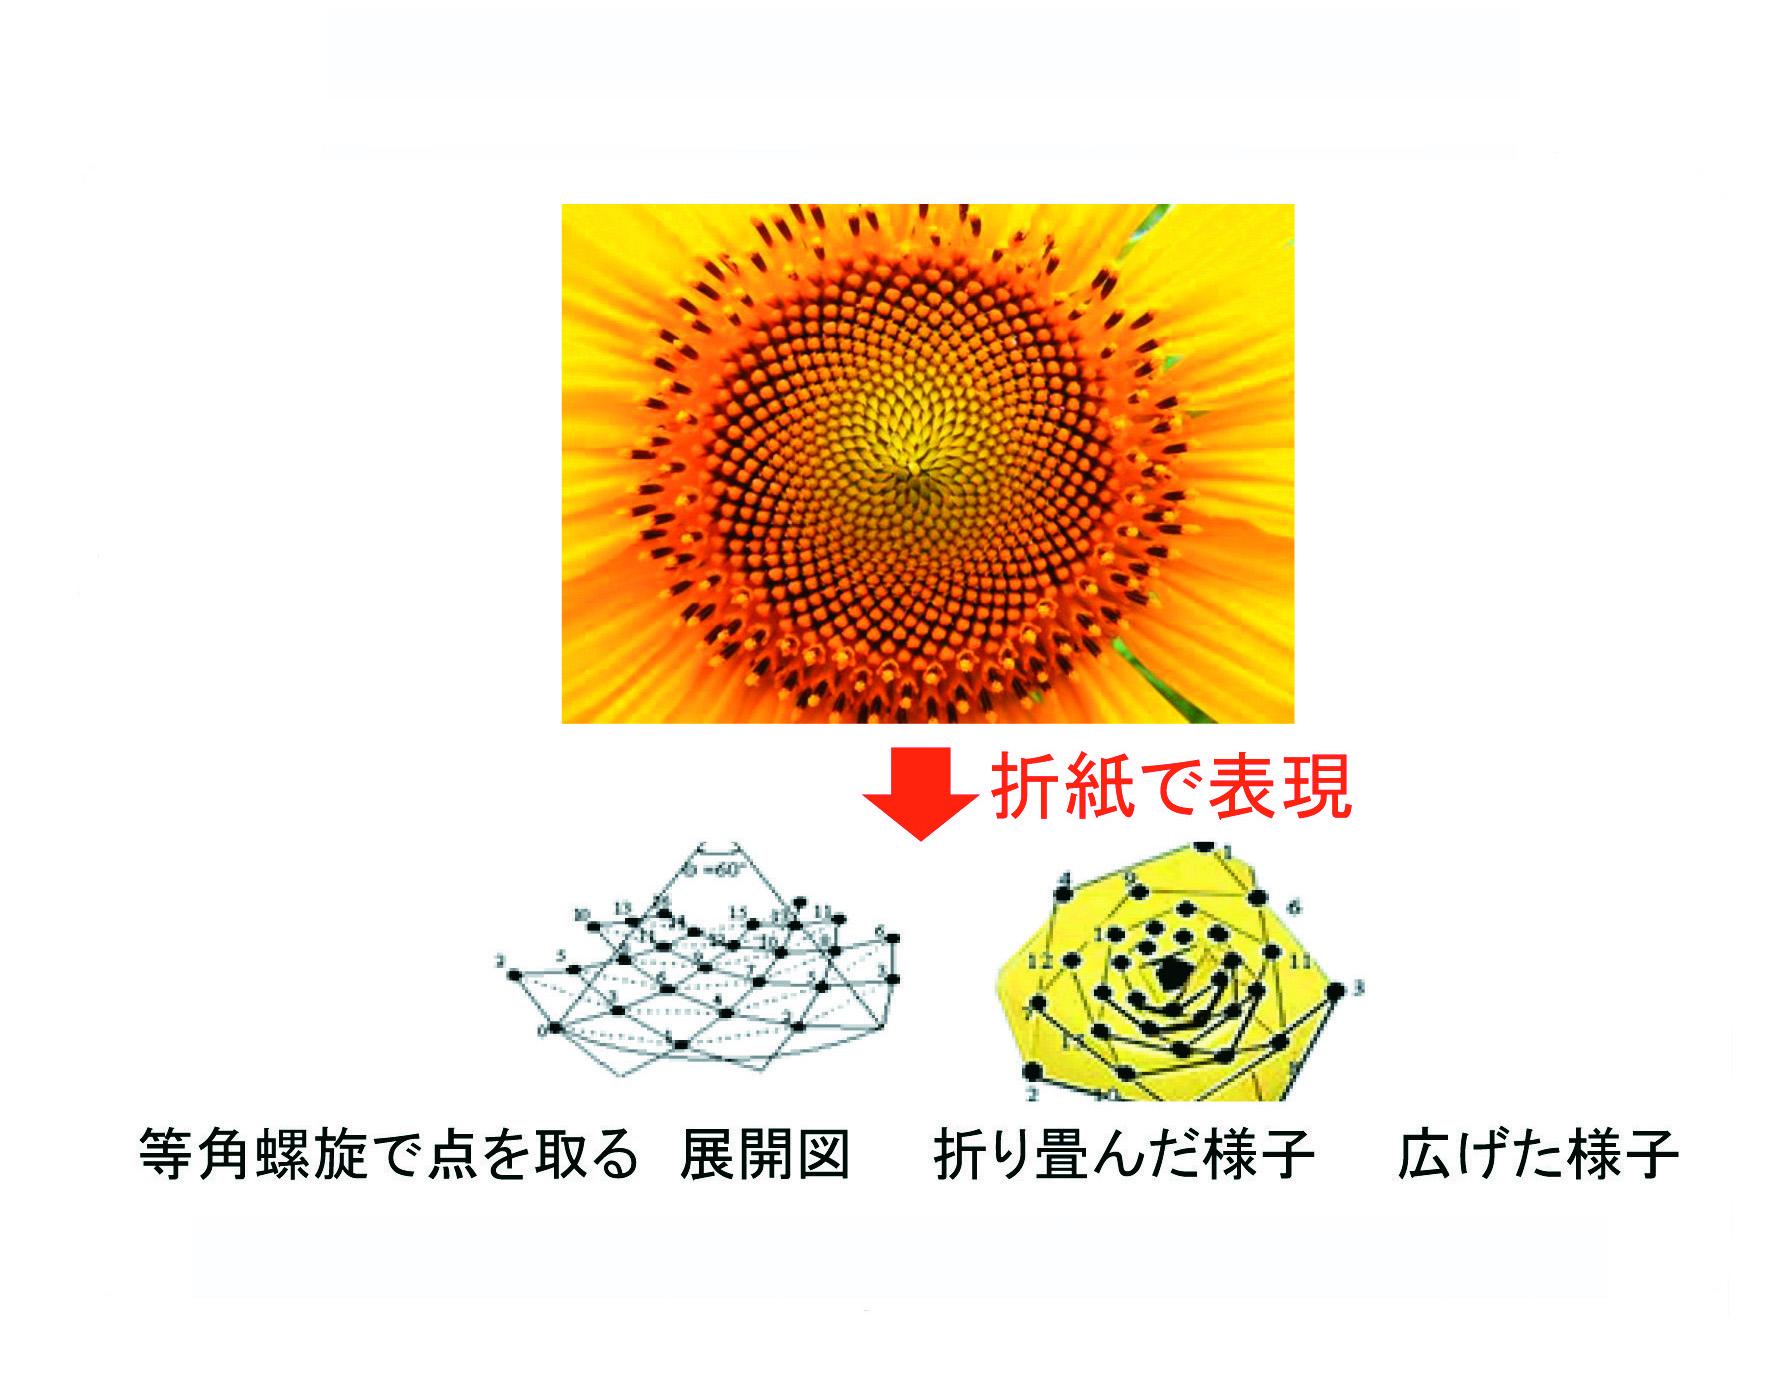 図2-2 ヒマワリの種の配列のモデル